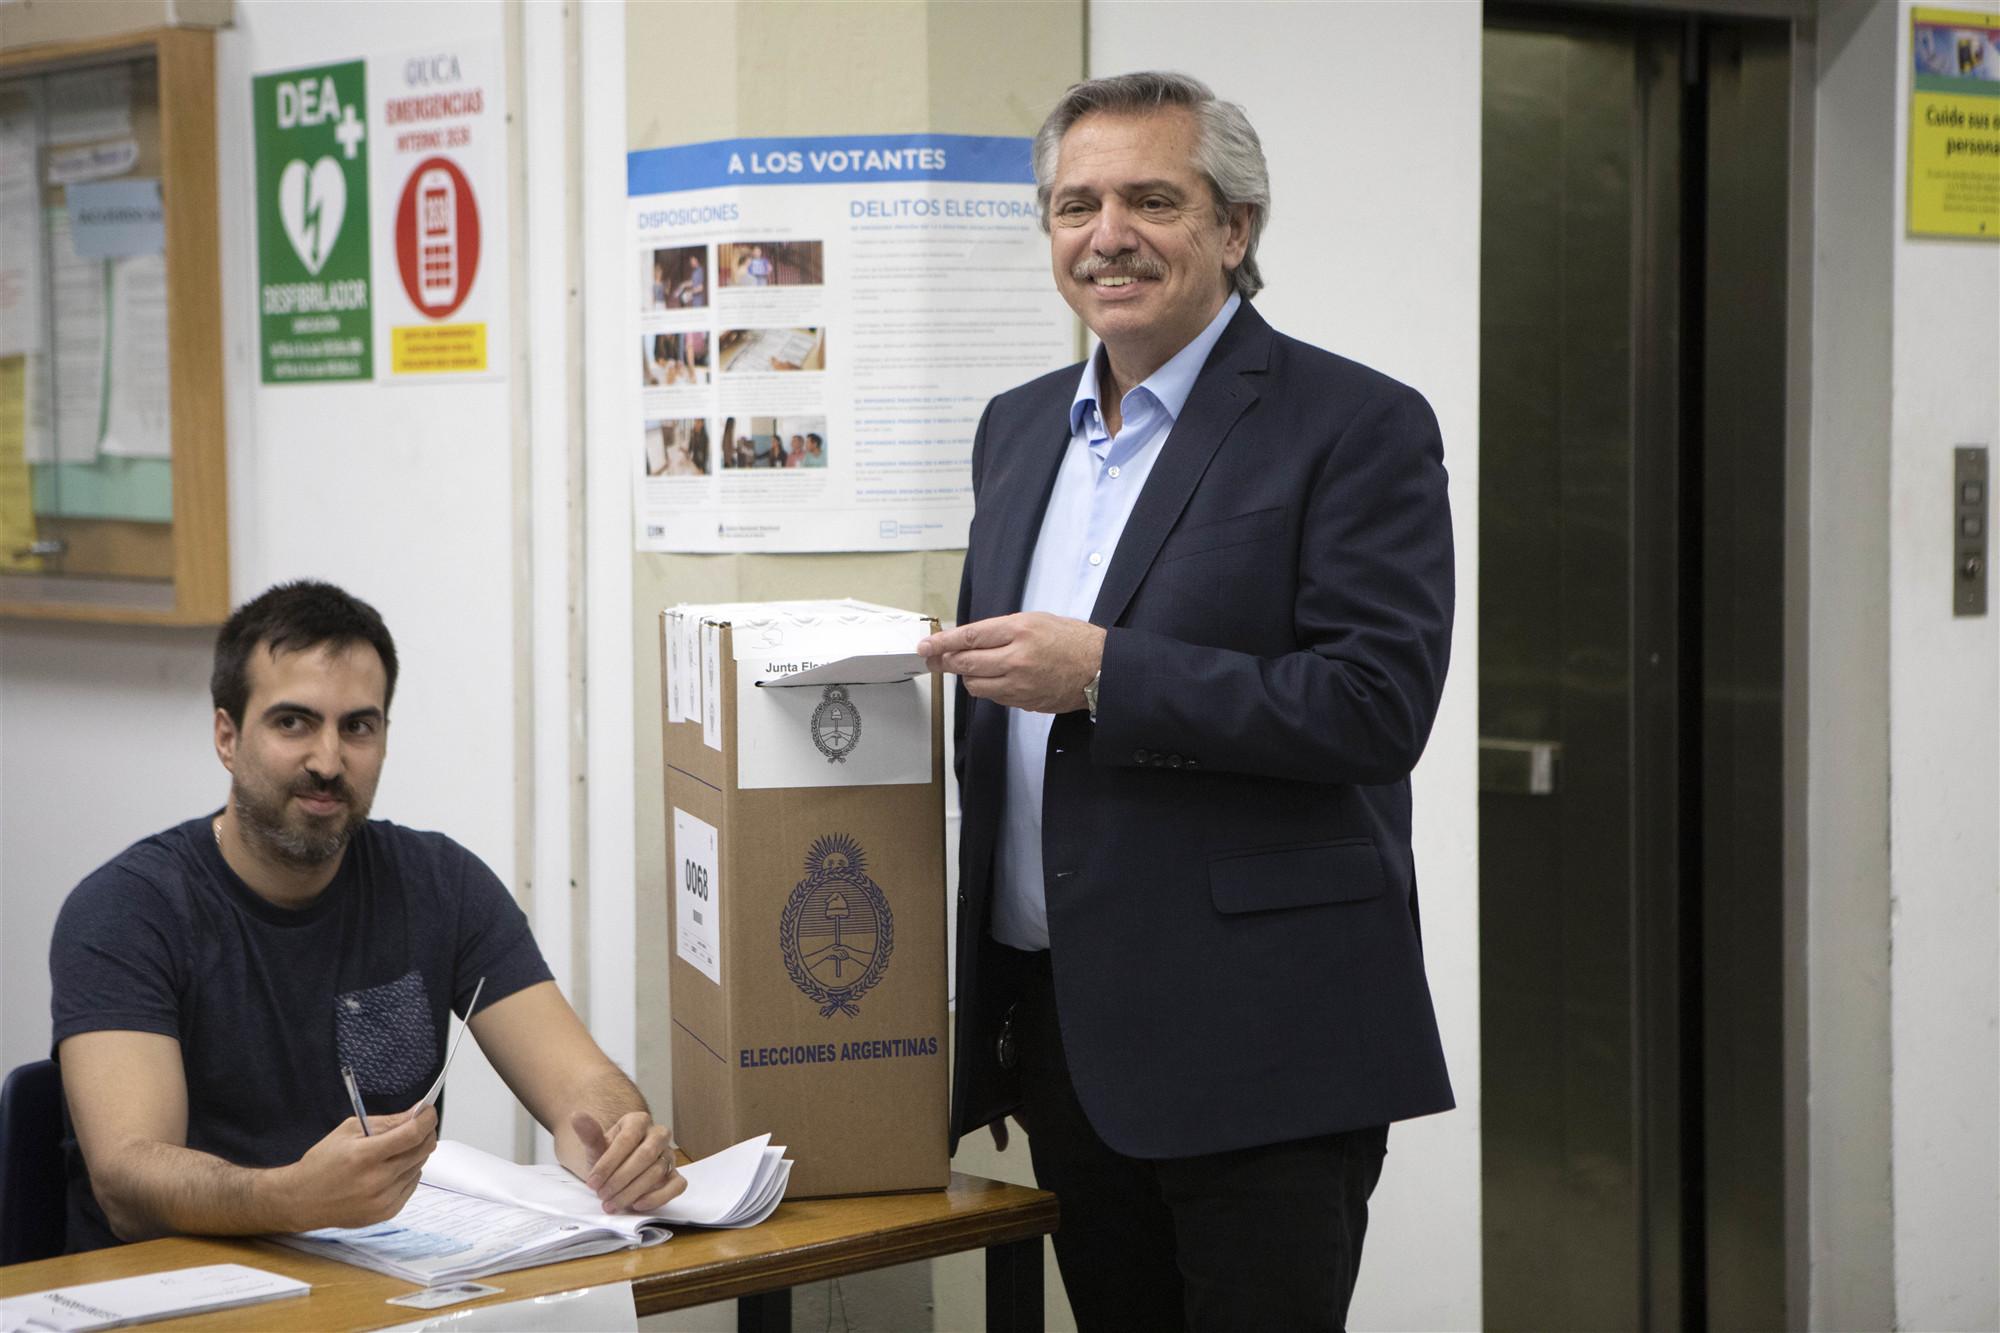 (國際)(1)費爾南德斯當選阿根廷總統(3136019)-20191028234953_副本_副本.jpg